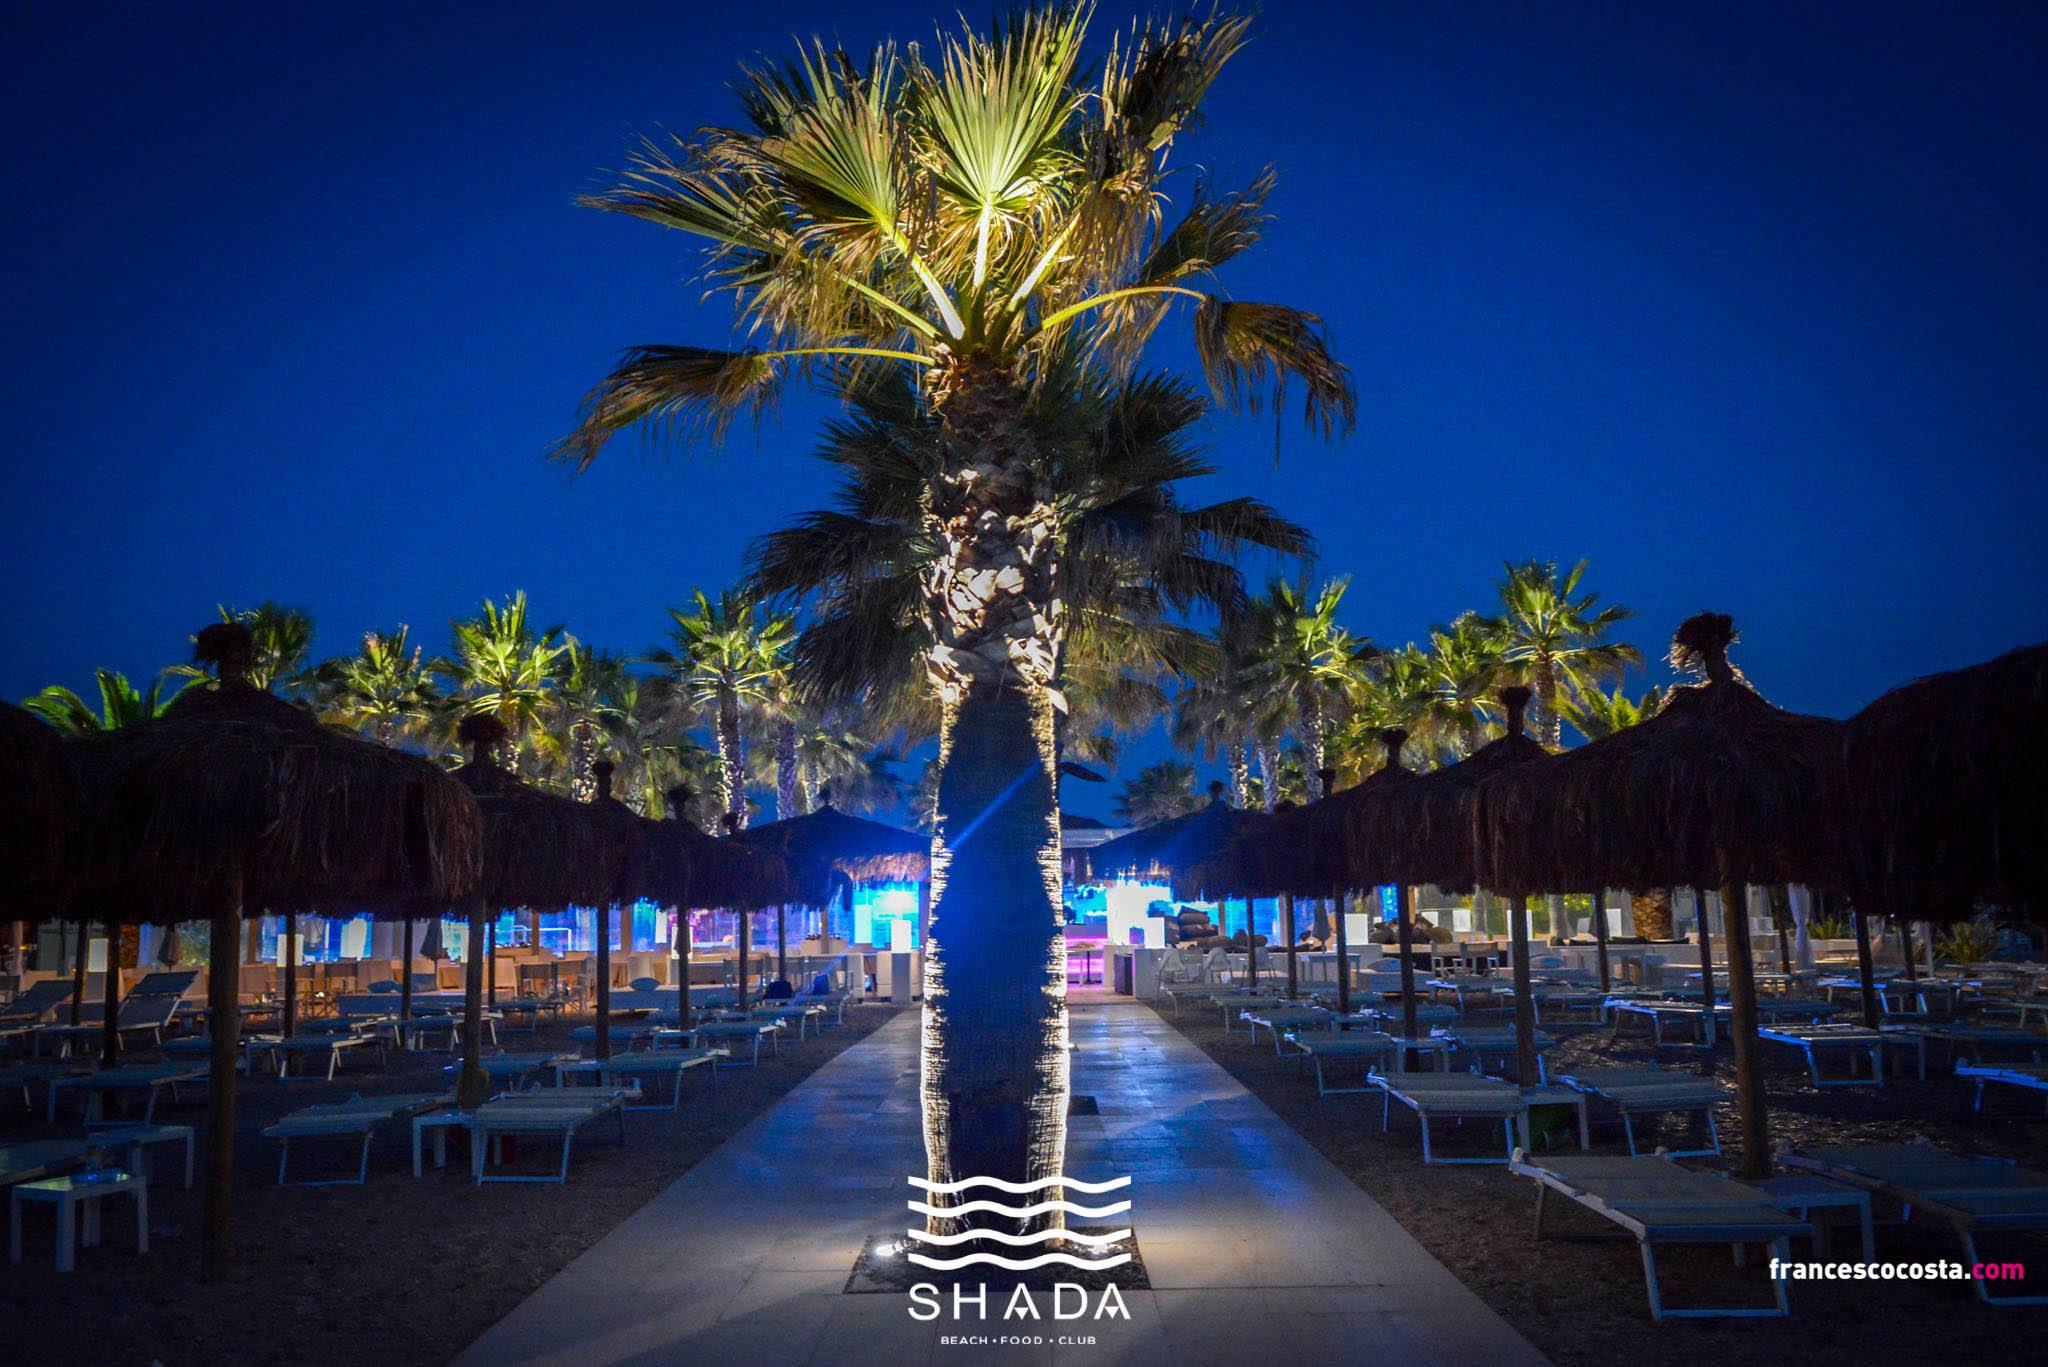 Il Mercoledì dello Shada Beach Club di Civitanova Marche